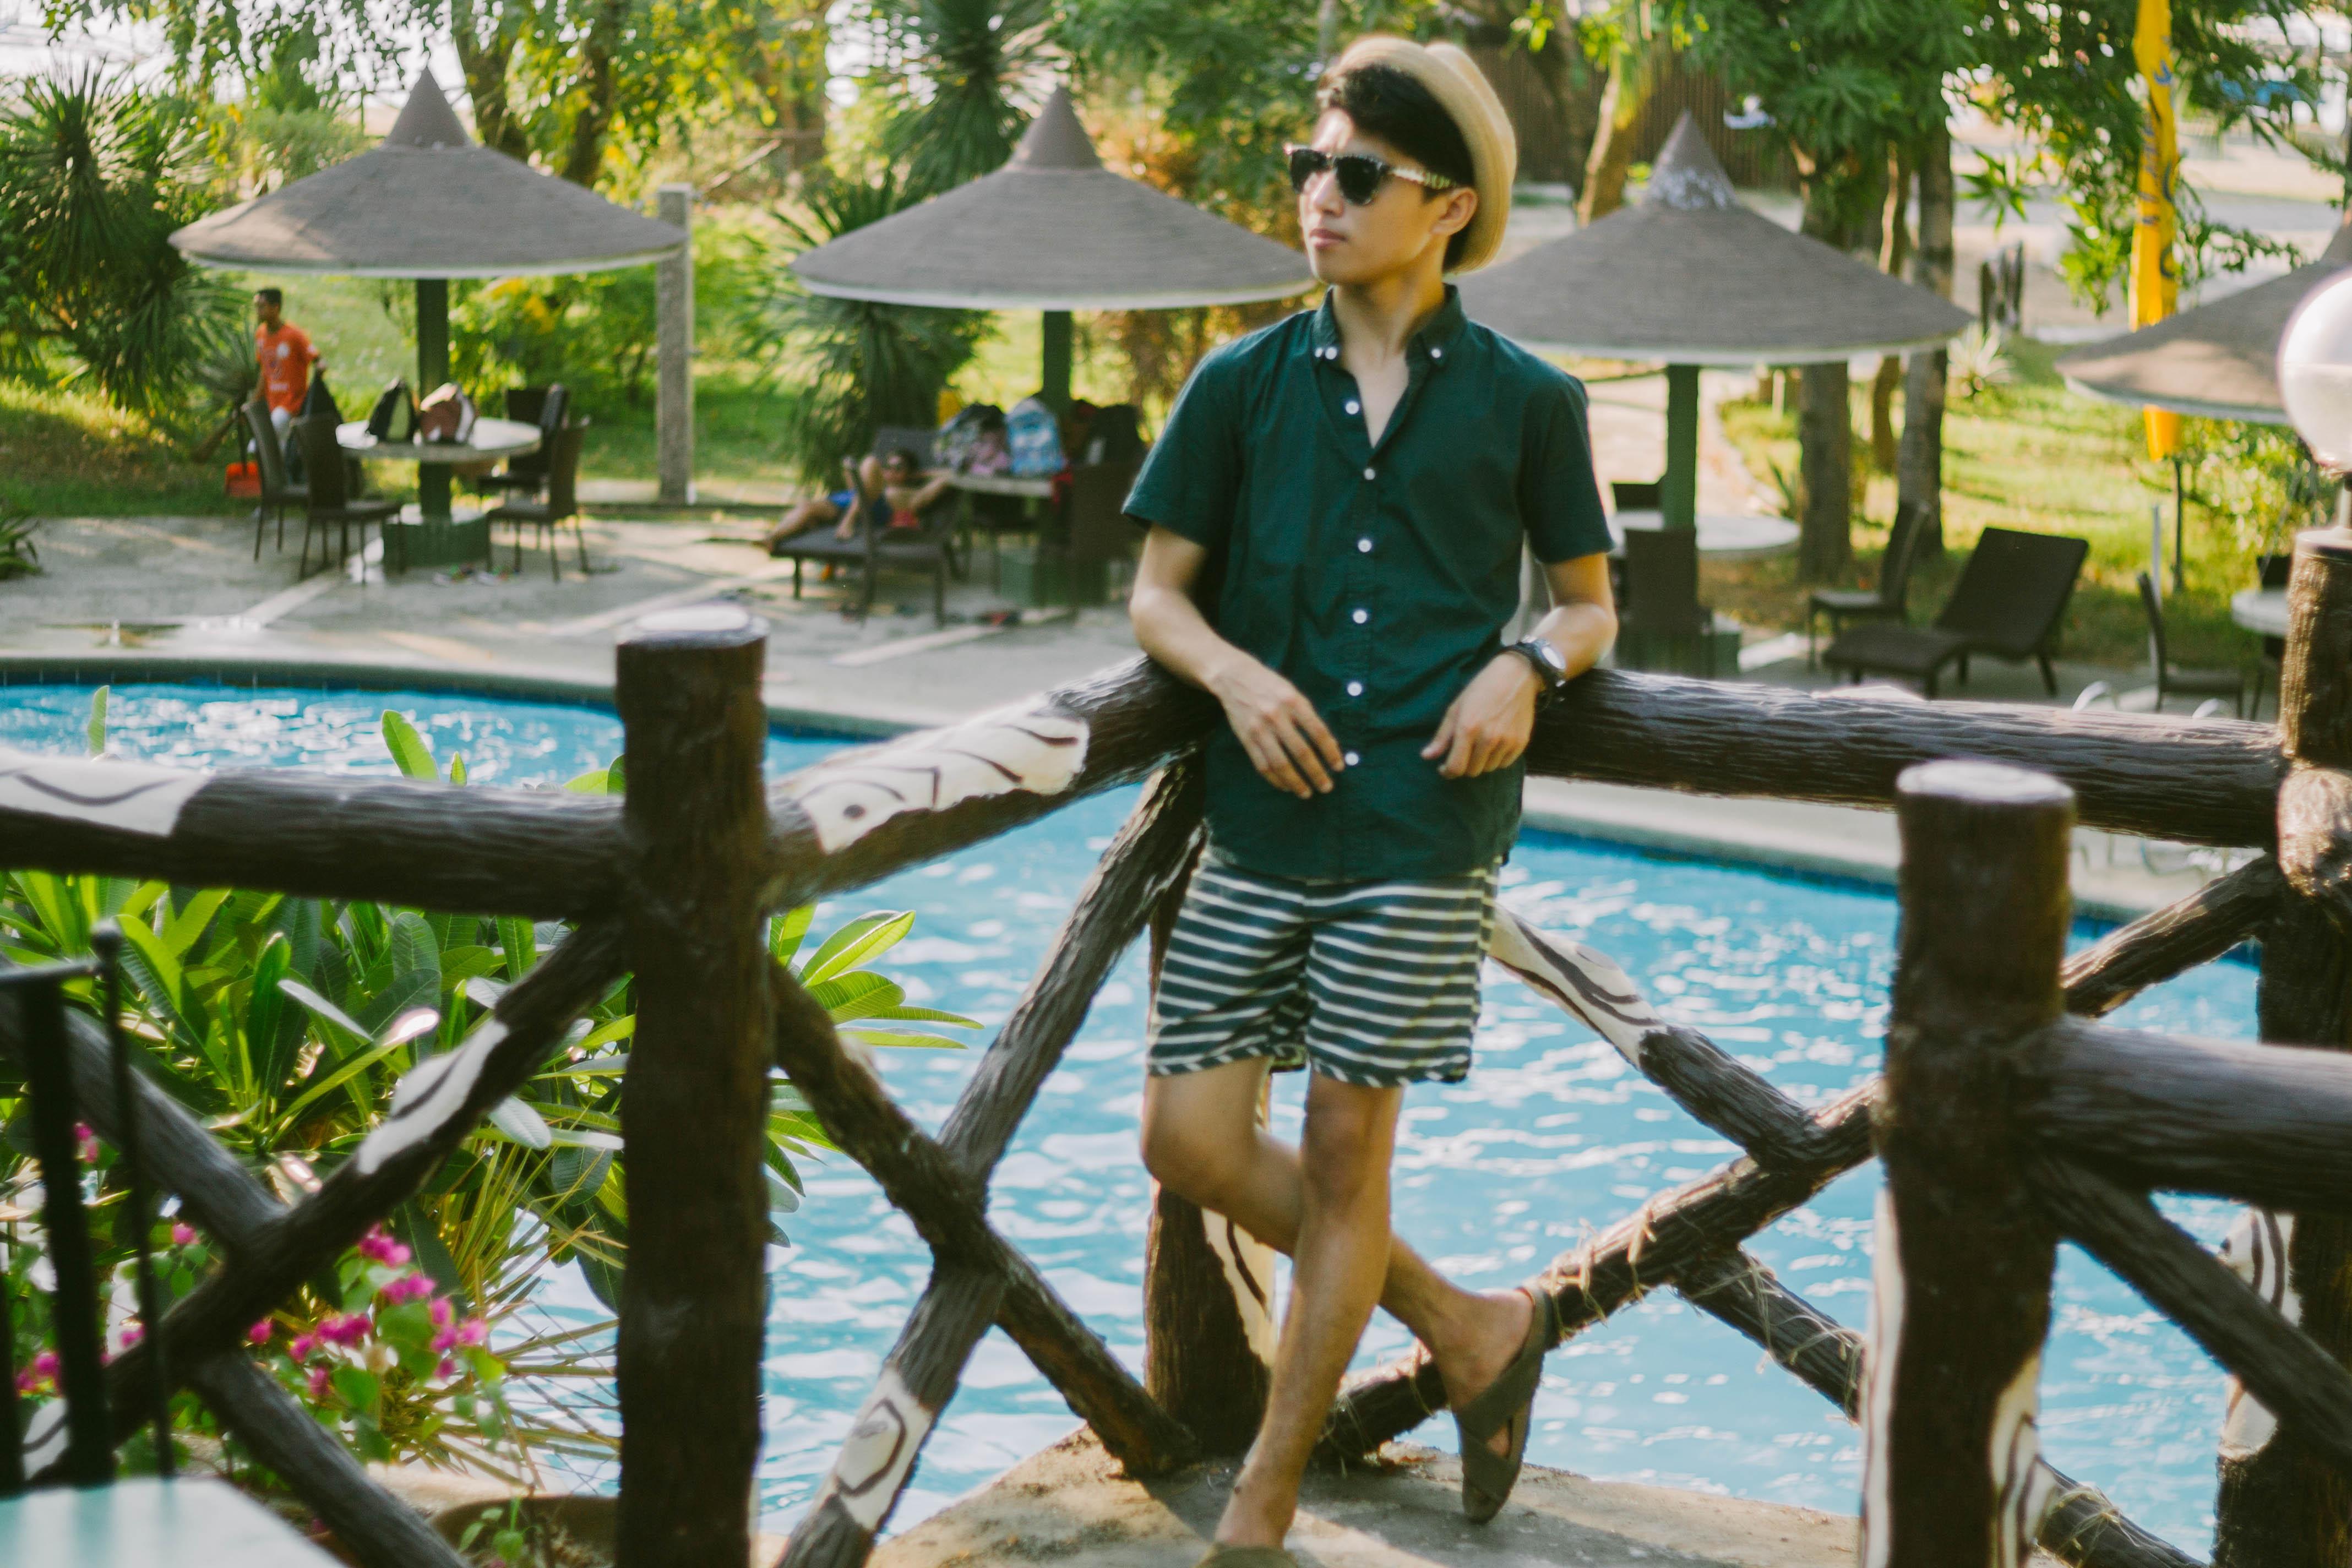 Green Summer